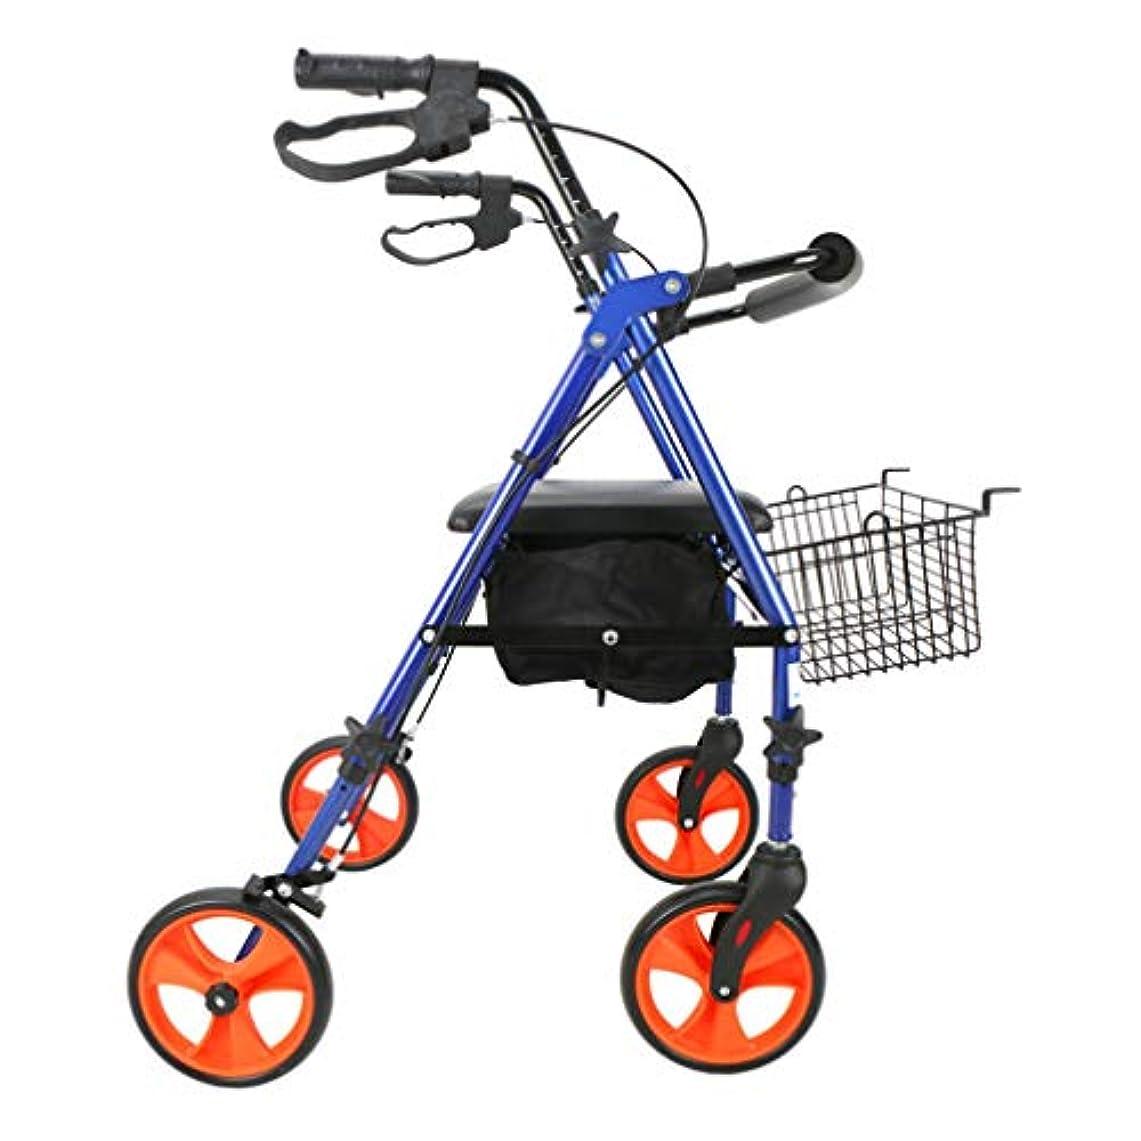 契約した寛大なメンター4車輪移動補助機器折りたたみ式、シート付きドライブローラーウォーカー、医療用ローリングウォーカーダブルブレーキシステム、高齢者用ウォーキング,ブルー